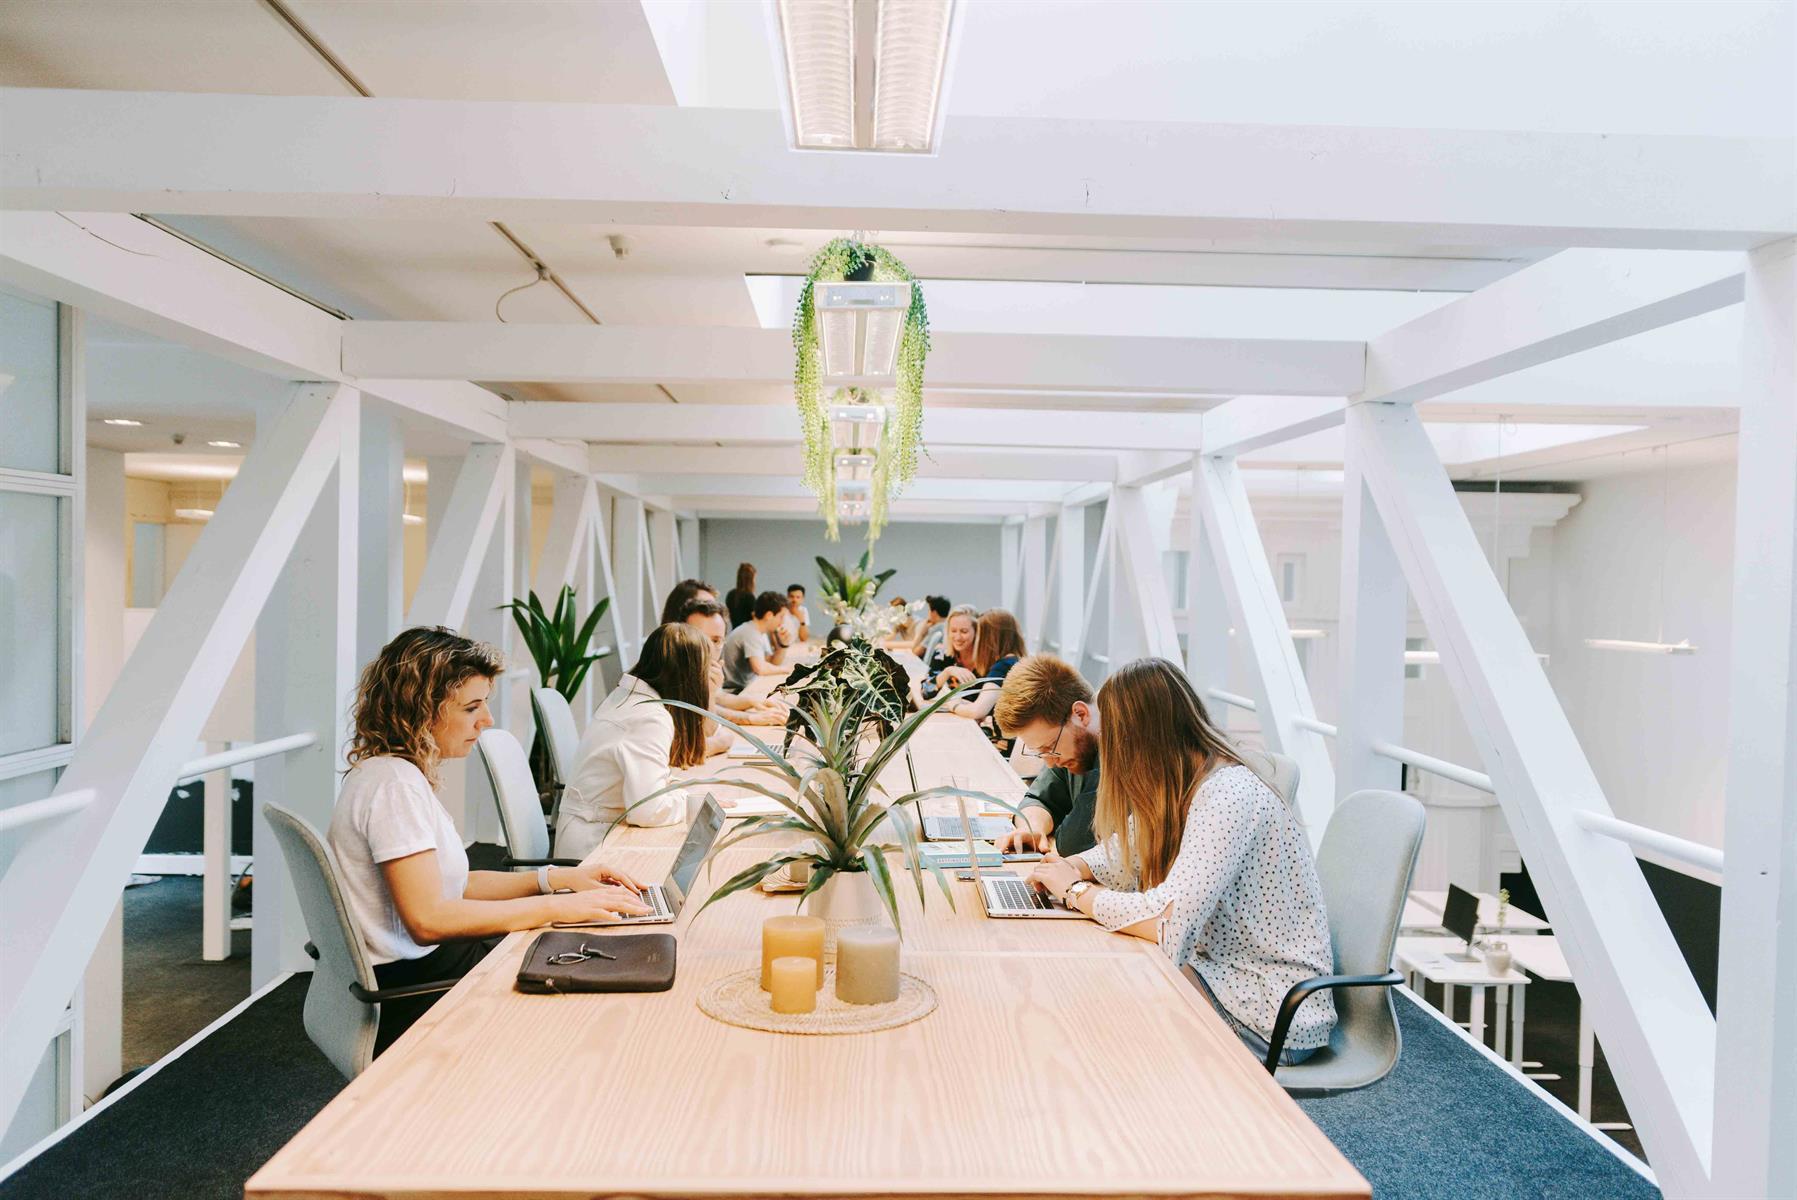 kantoor te huur Maxy - IJzerenpoortkaai 3, 2000 Antwerpen, België 2